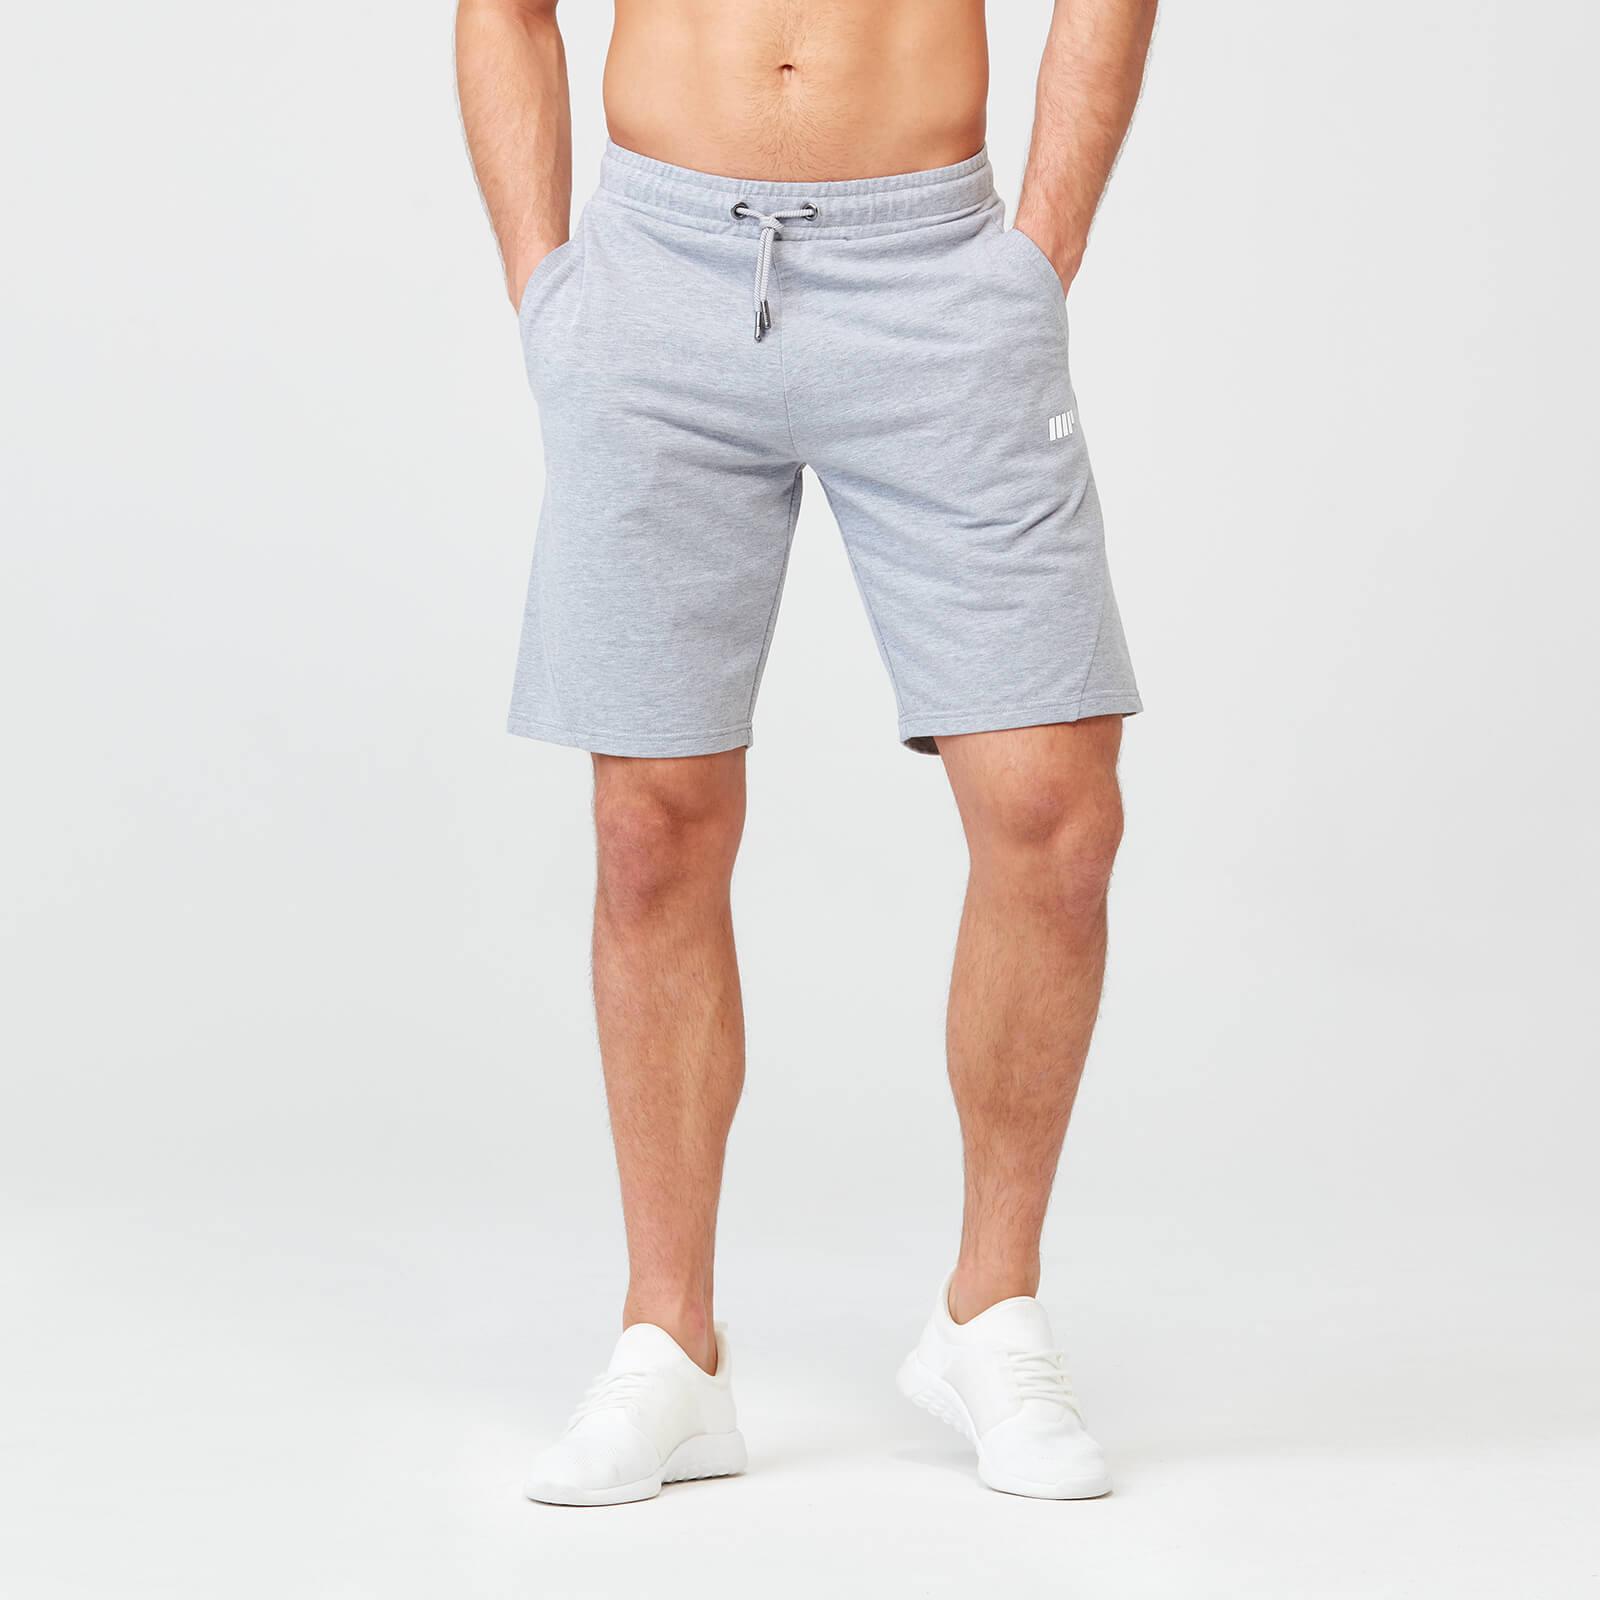 Myprotein Form Shorts - S - Grå